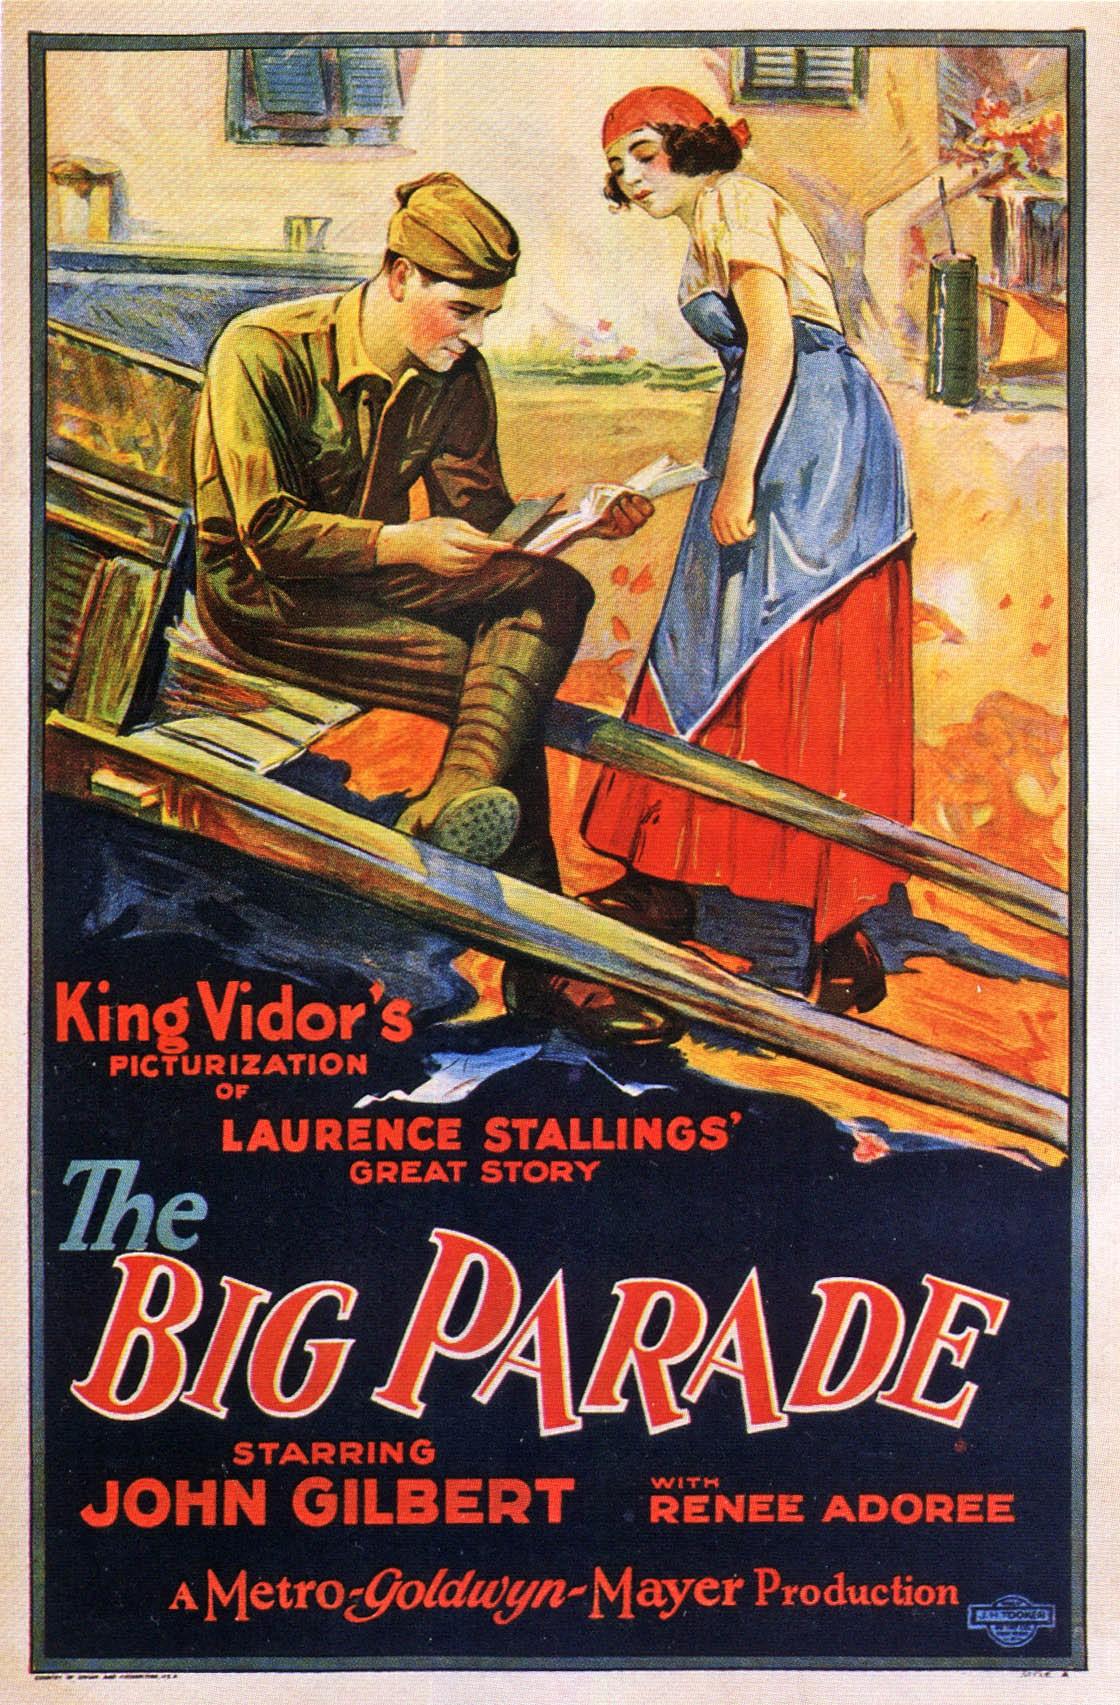 Big parade poster